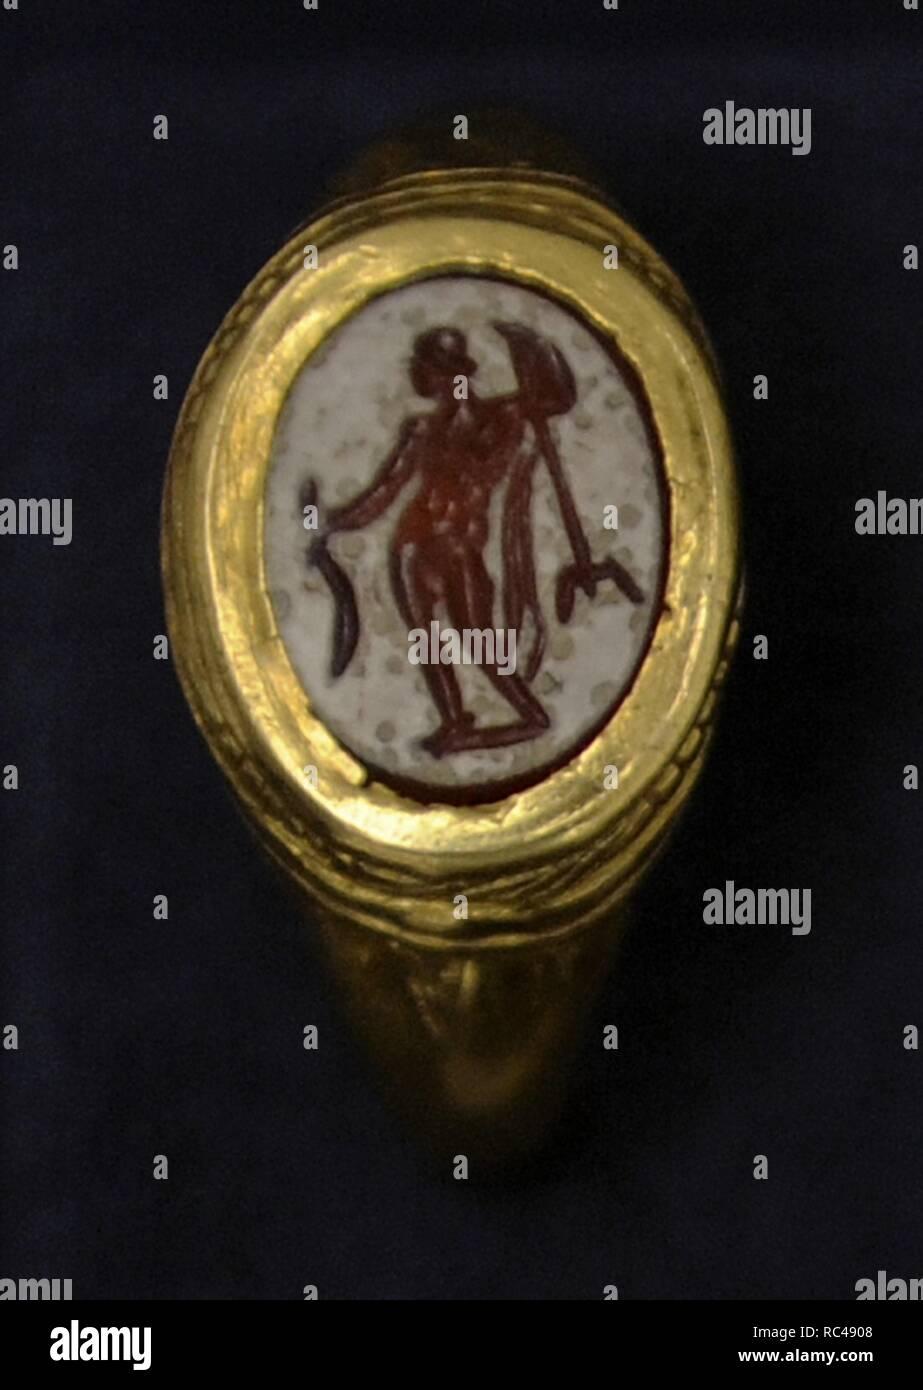 Gott Neptun zeigen einen goldenen Ring. 1-100. Museum der bildenden Künste. Budapest. Ungarn. Stockfoto